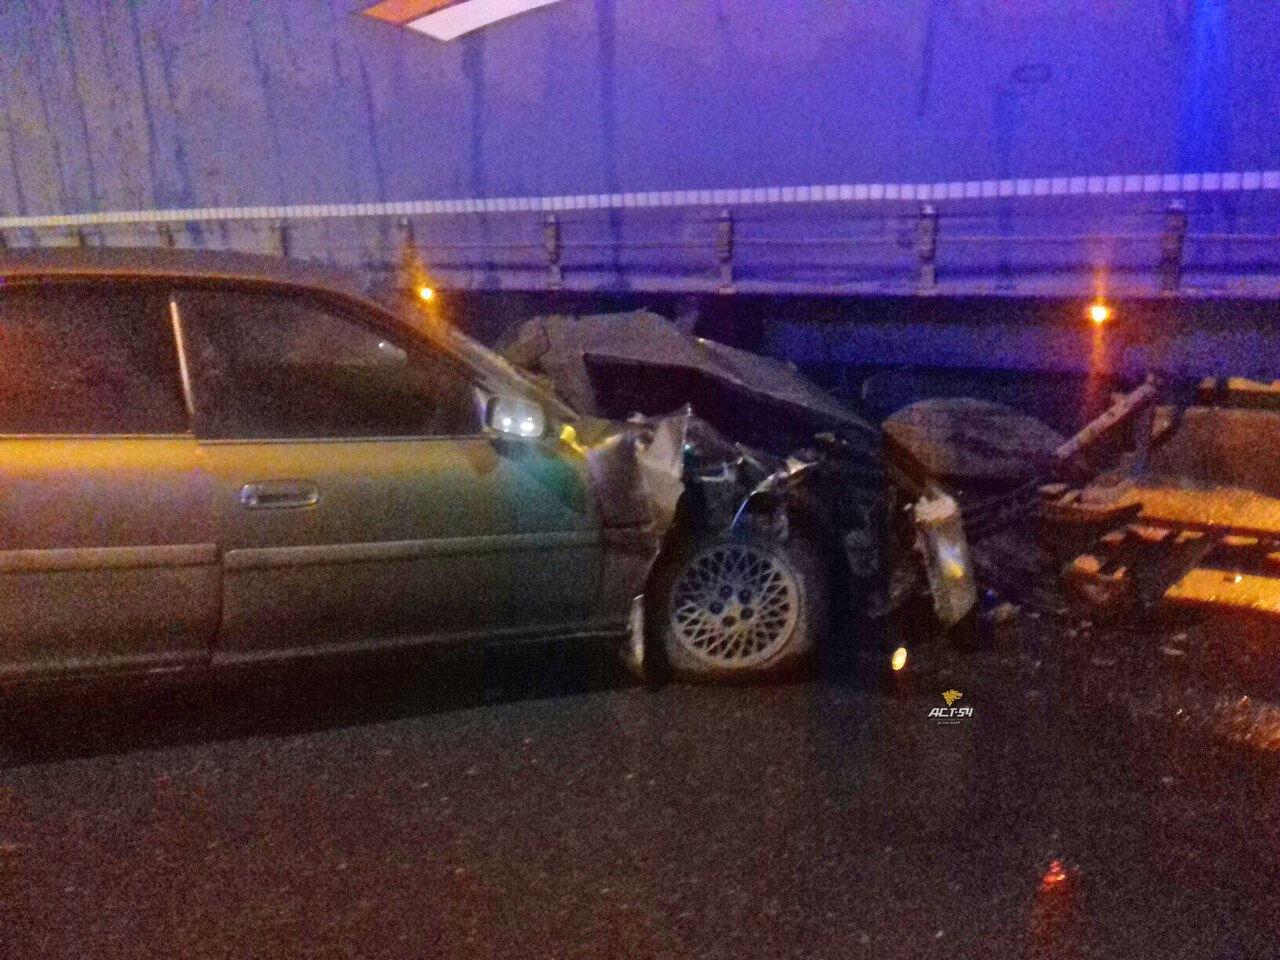 Печальное ДТП вНовосибирске: Тойота влетела под фуру влевобережье